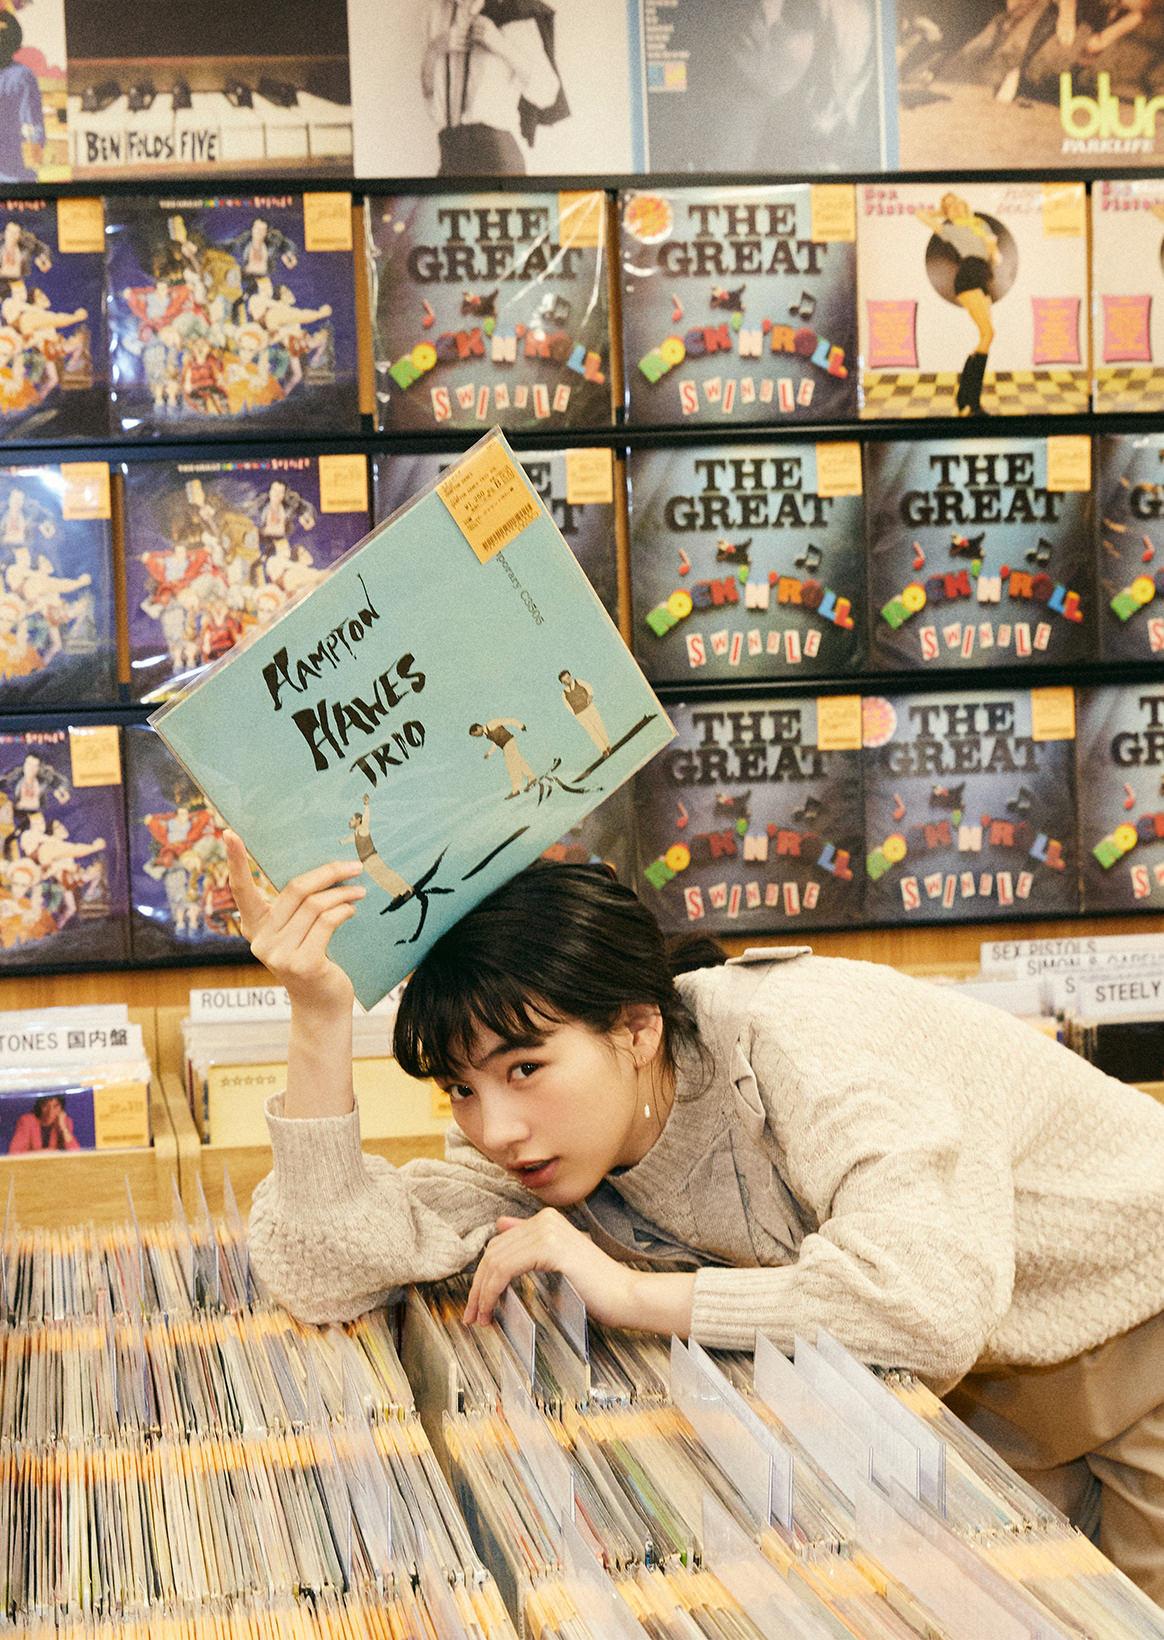 のん×ユニオンレコード渋谷|デジタル配信の時代だからこそ特別なアナログ盤の魅力。